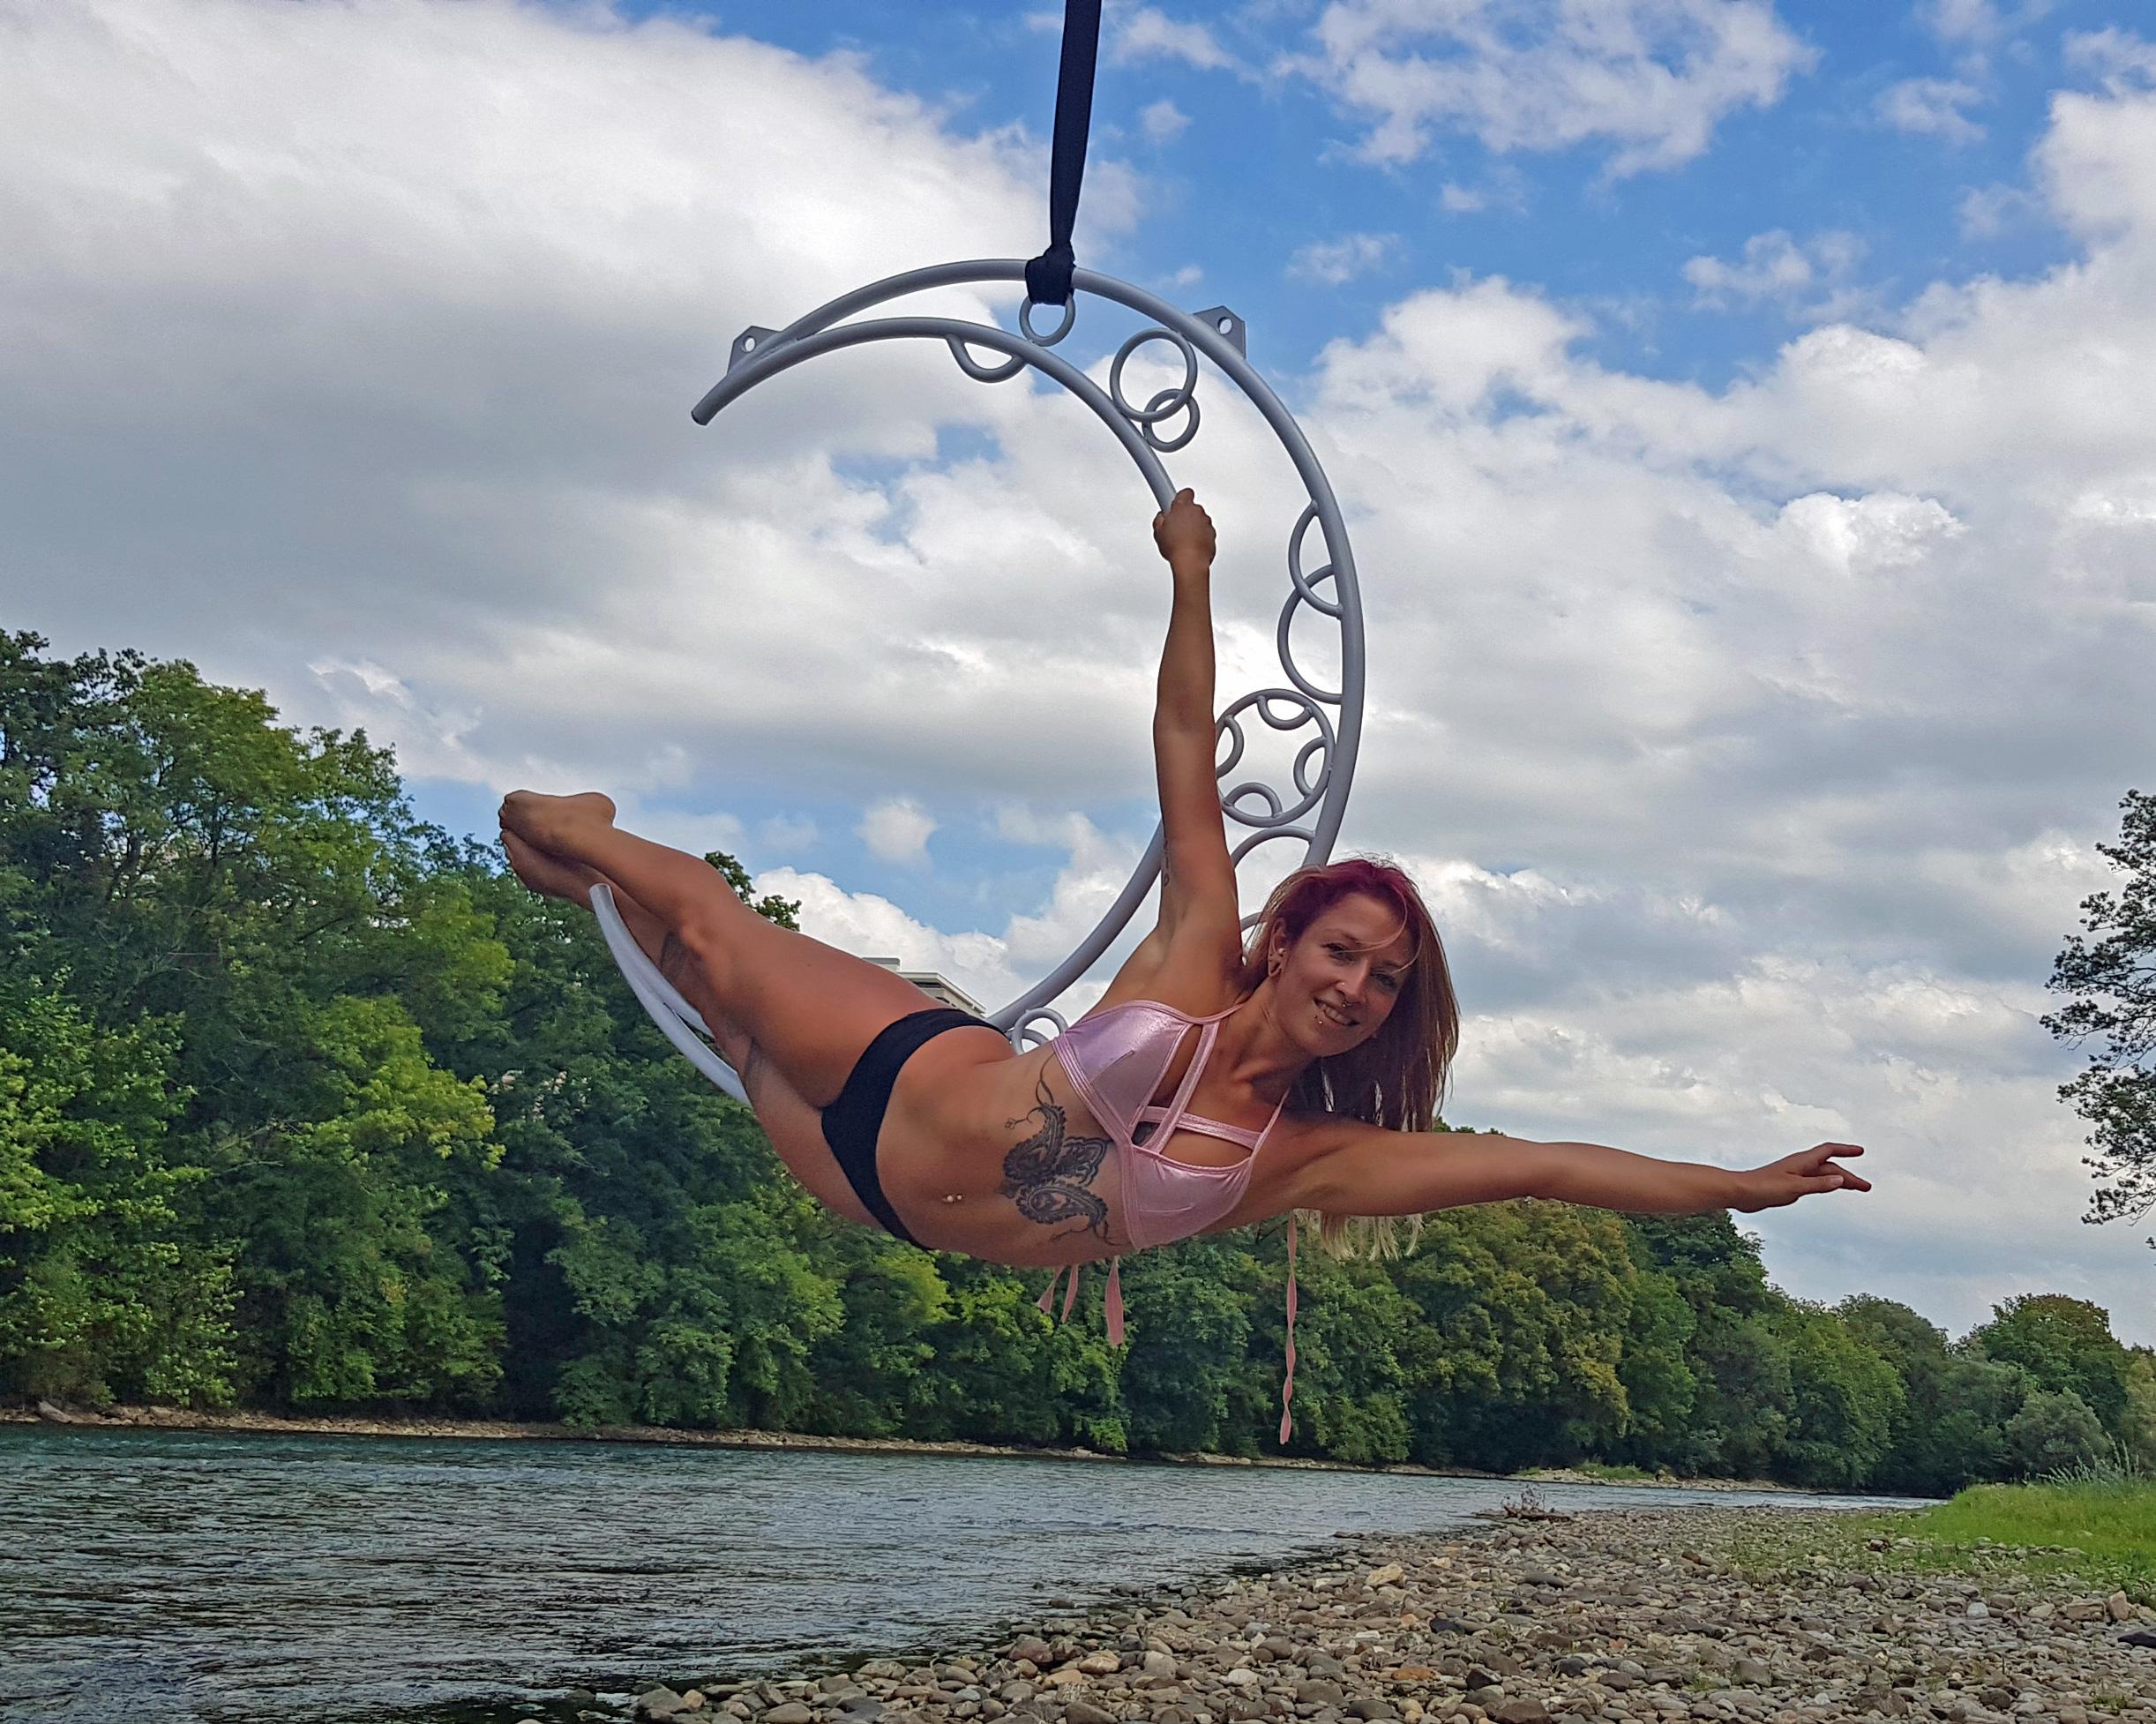 Angebot Special Workshops, Polterabende und mehr... Mandy Candy's pole dance studio